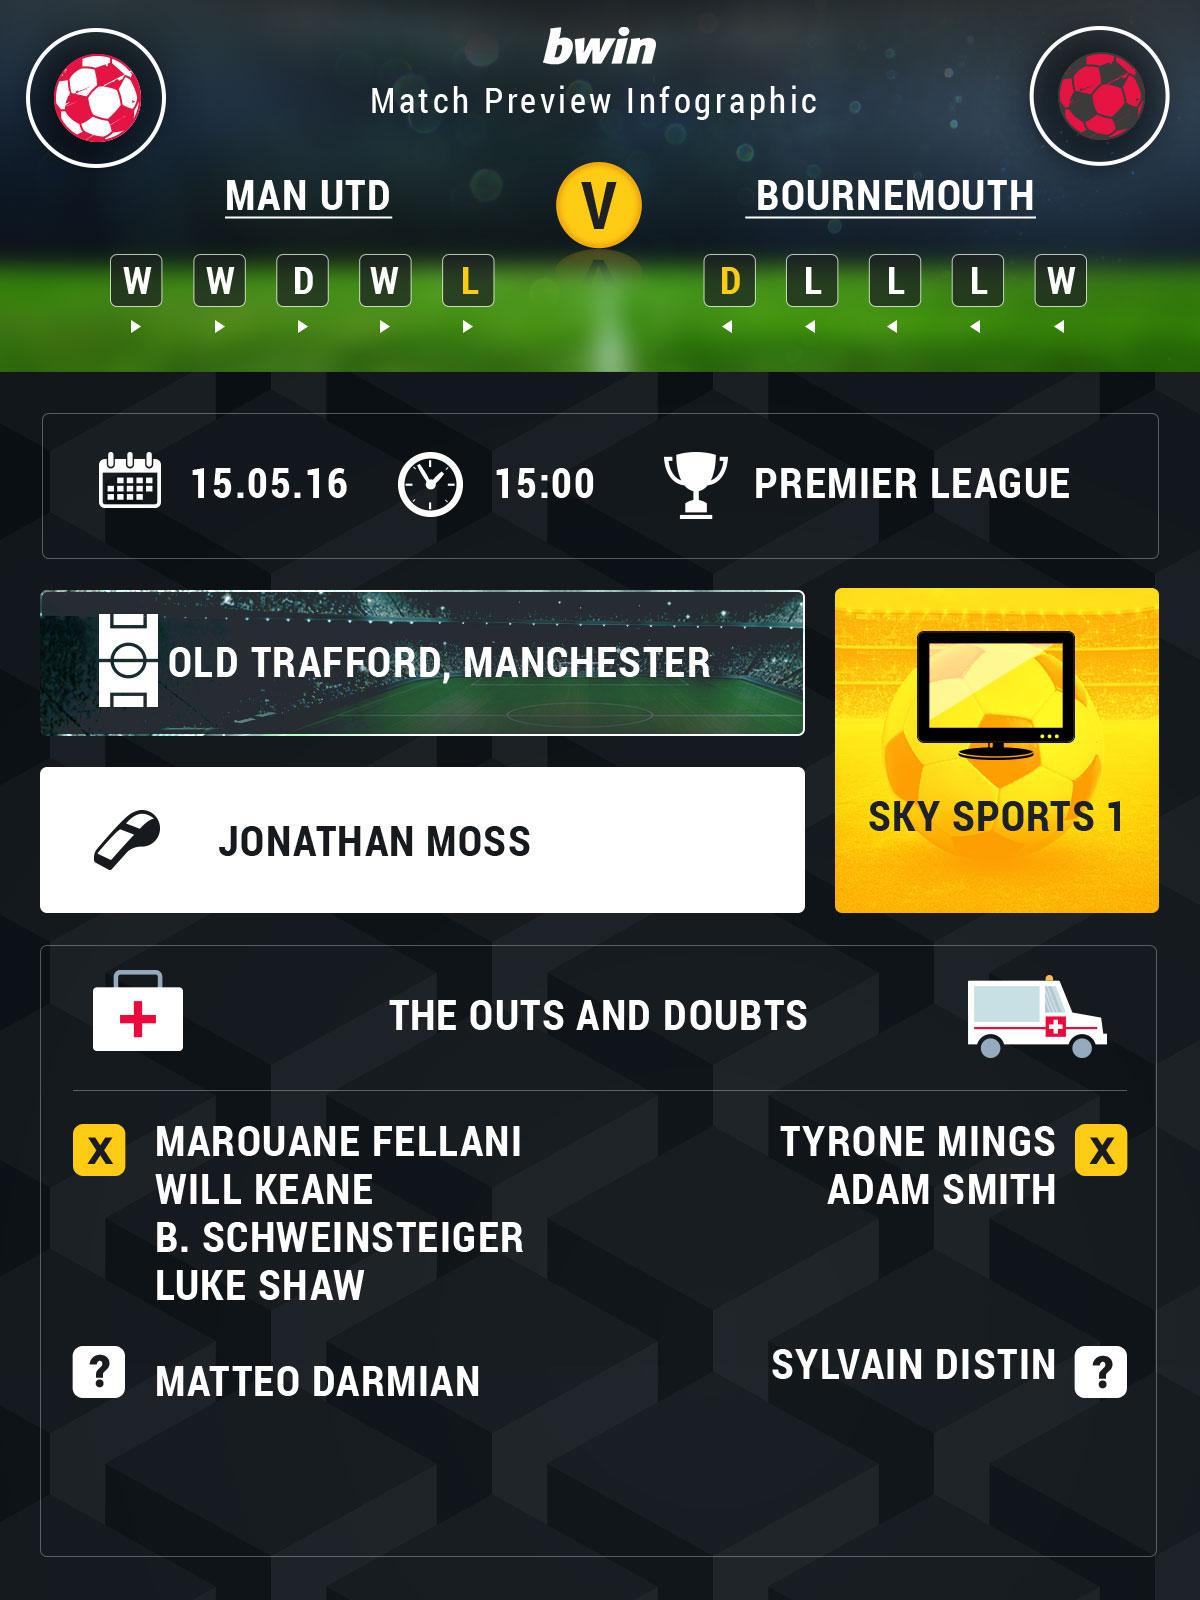 Man Utd v Bournemouth odds